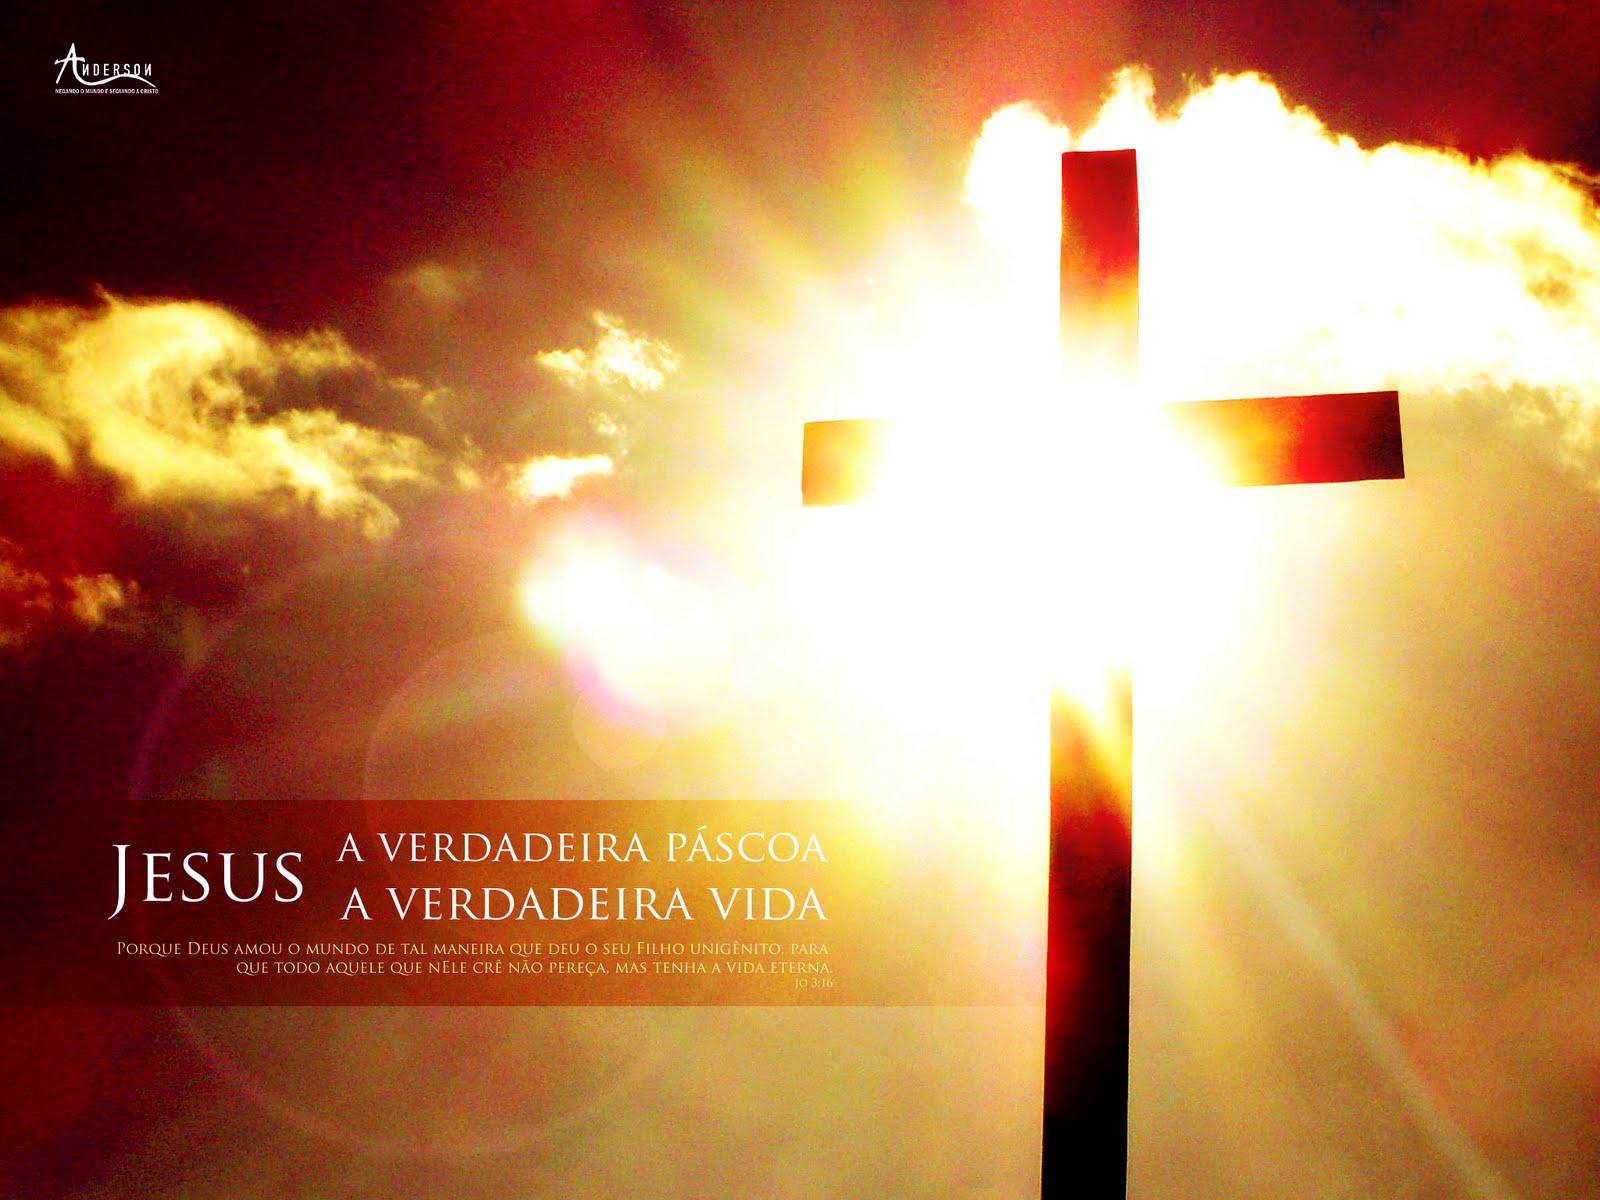 Páscoa - Verdadeiro Significado e Sentido